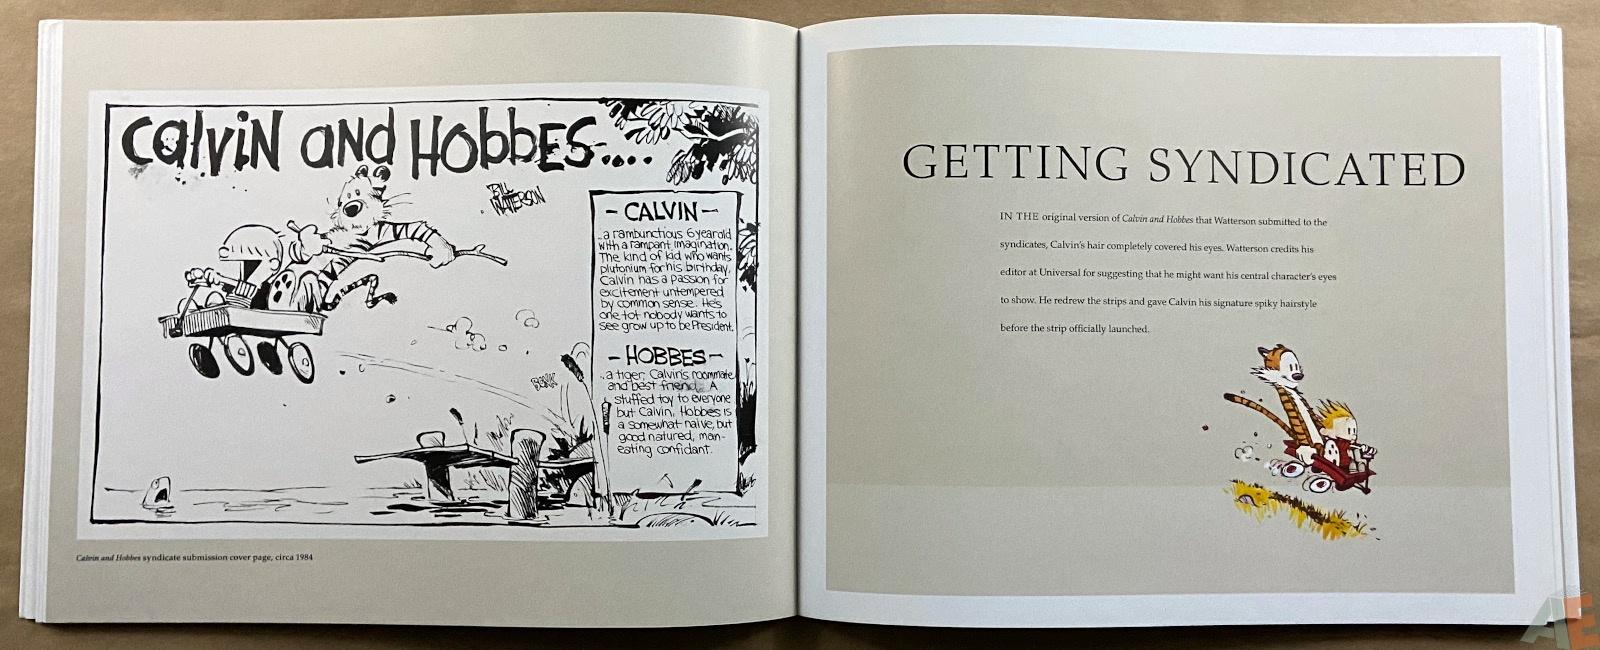 Exploring Calvin and Hobbes An Exhibition Catalogue interior 2